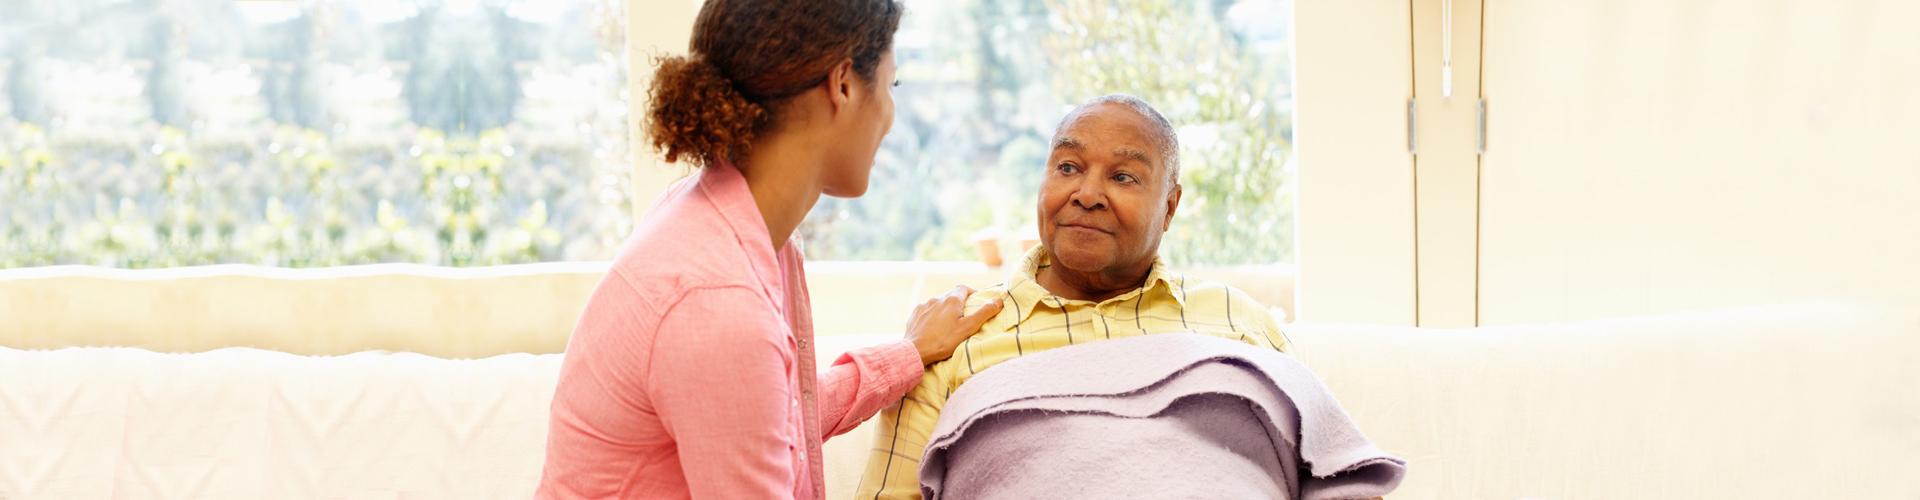 caregiver with elder man on bed